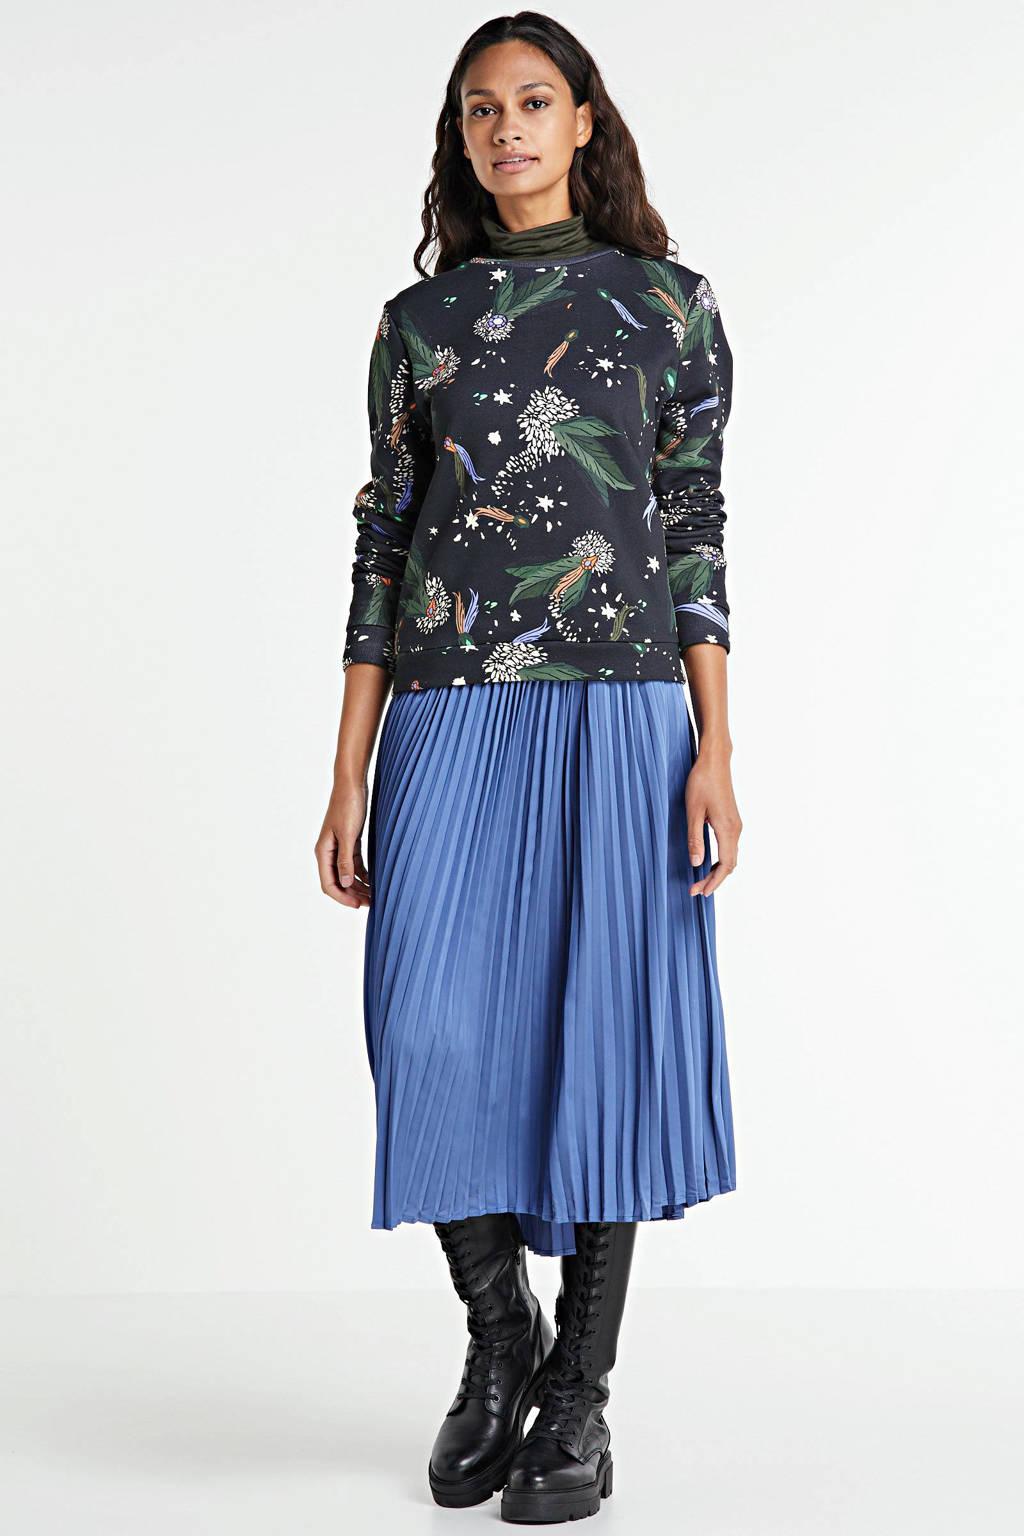 POM Amsterdam by Katja trui met all over print zwart/groen/blauw, Zwart/groen/blauw